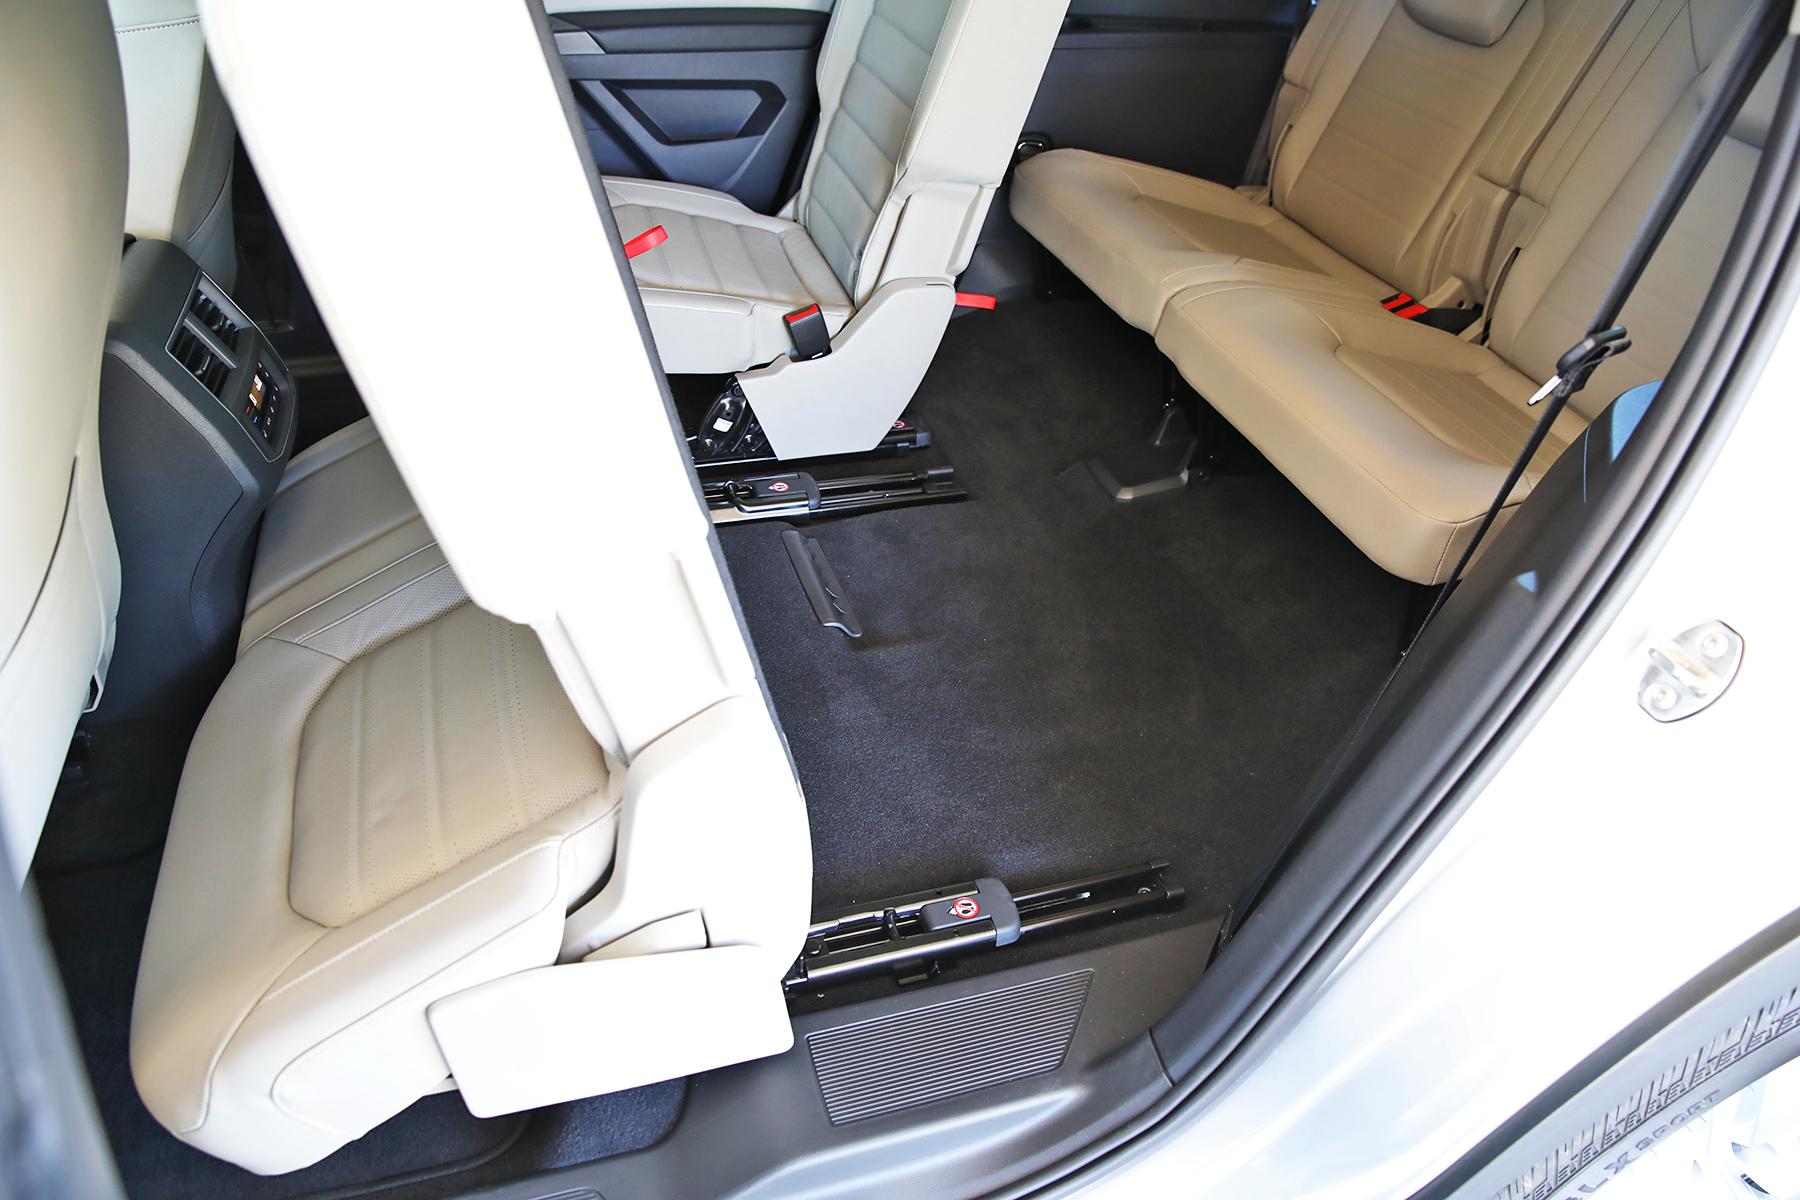 VW Atlas SUV rear interior Volkswagen